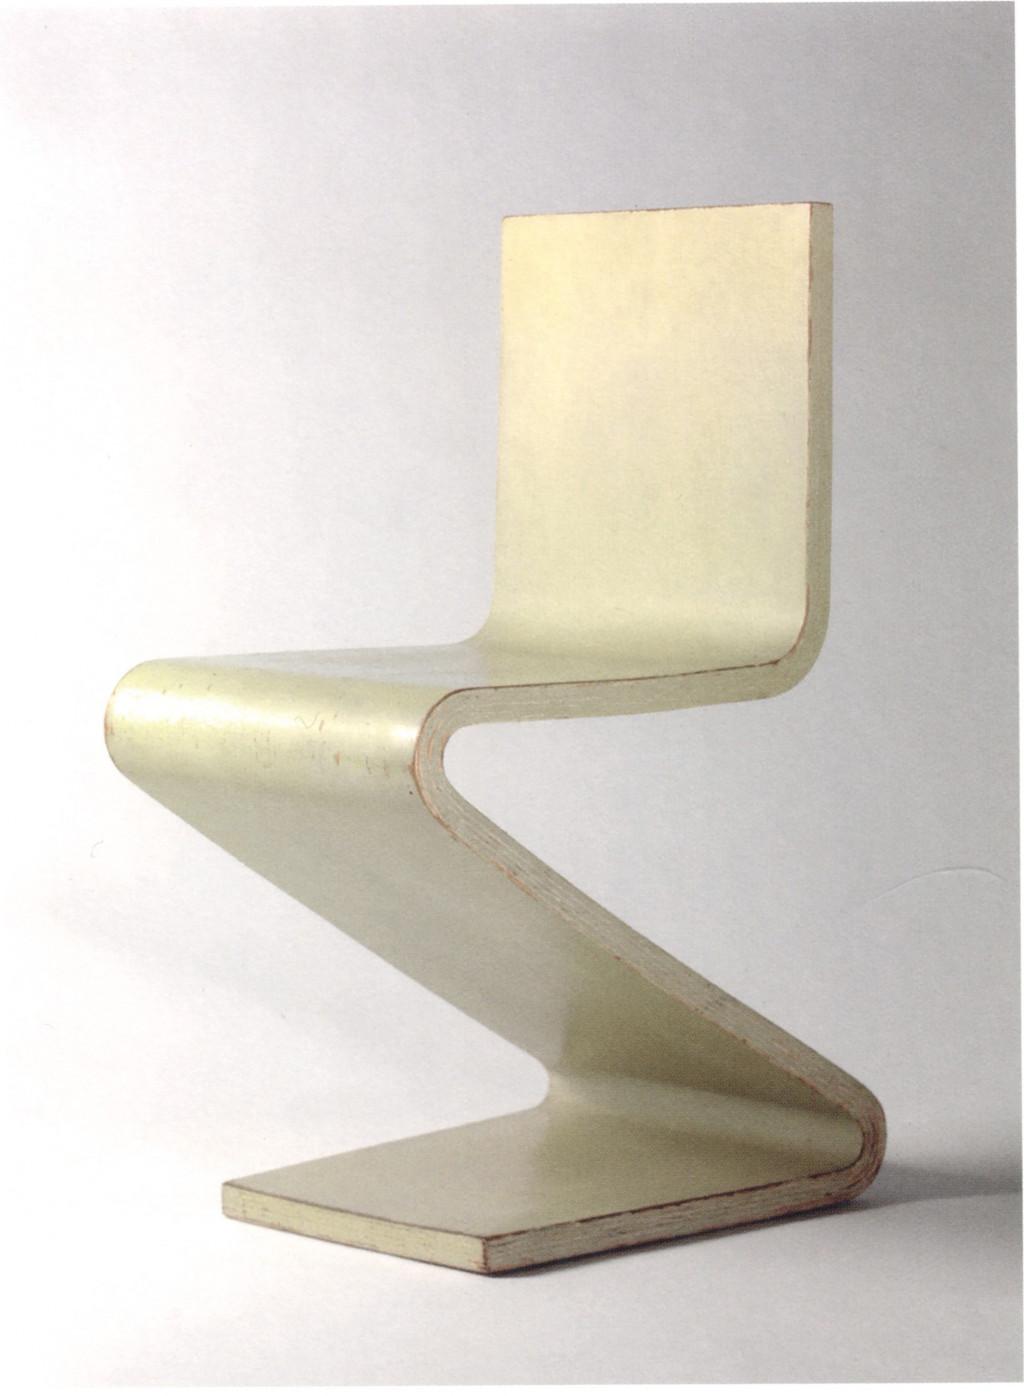 Fig. 12. Gerrit Rietveld, 'S-stoel', gepresenteerd in 1938 op de tentoonstelling Het Nieuwe Meubel bij Metz & Co. Bron: Zijl 2010, p. 133.